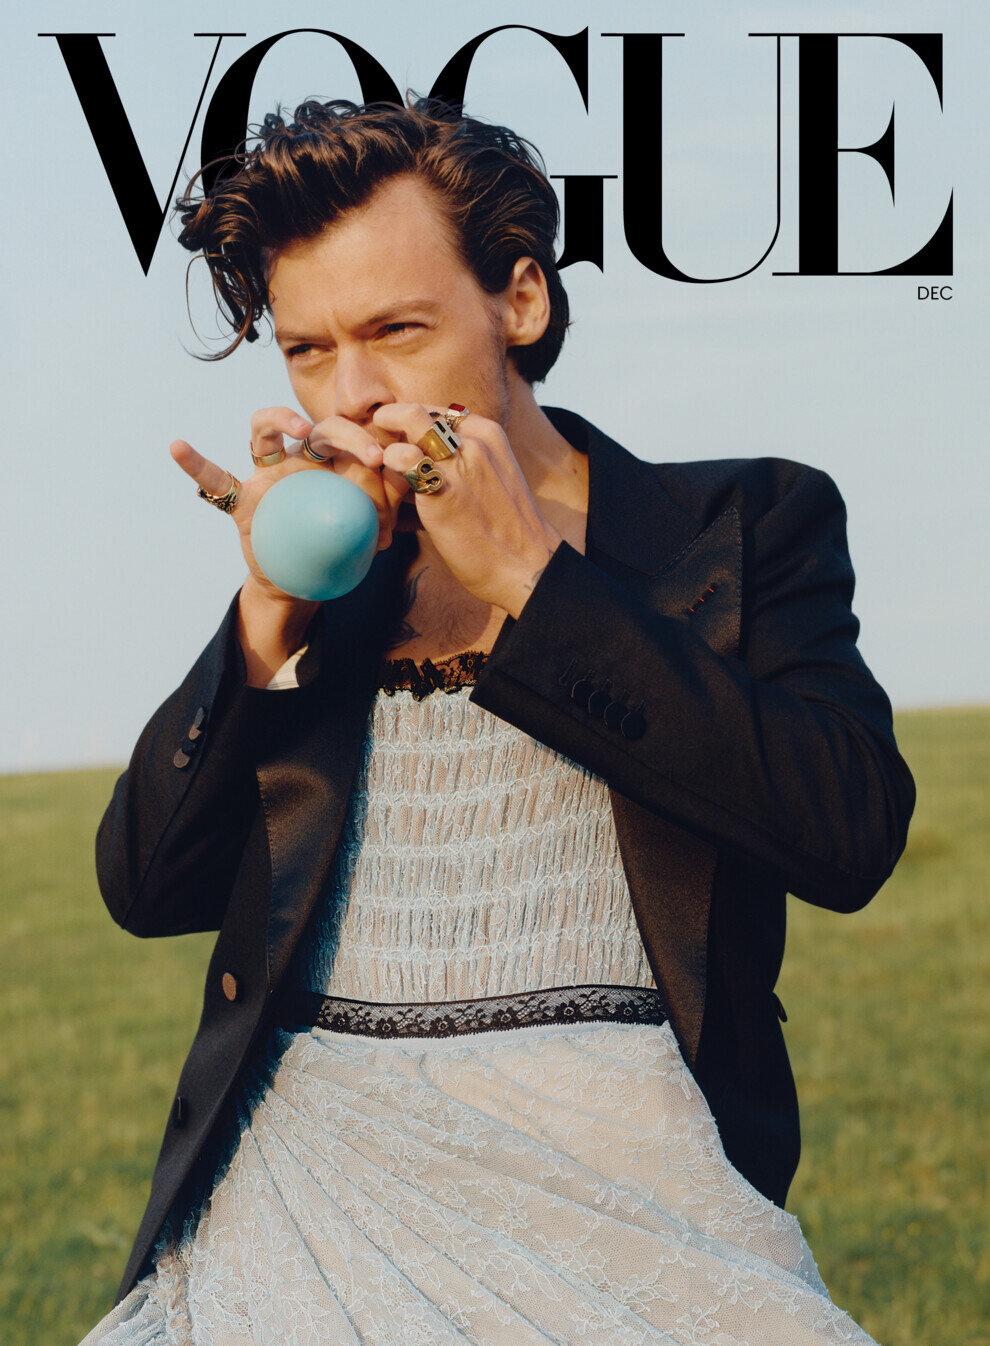 Хари Стайлс Не можем да не споменем корицата на Хари за Vogue. Британският певец създаде история, като стана първият мъж в 128-годишната история на изданието и то в рокля Gucci.